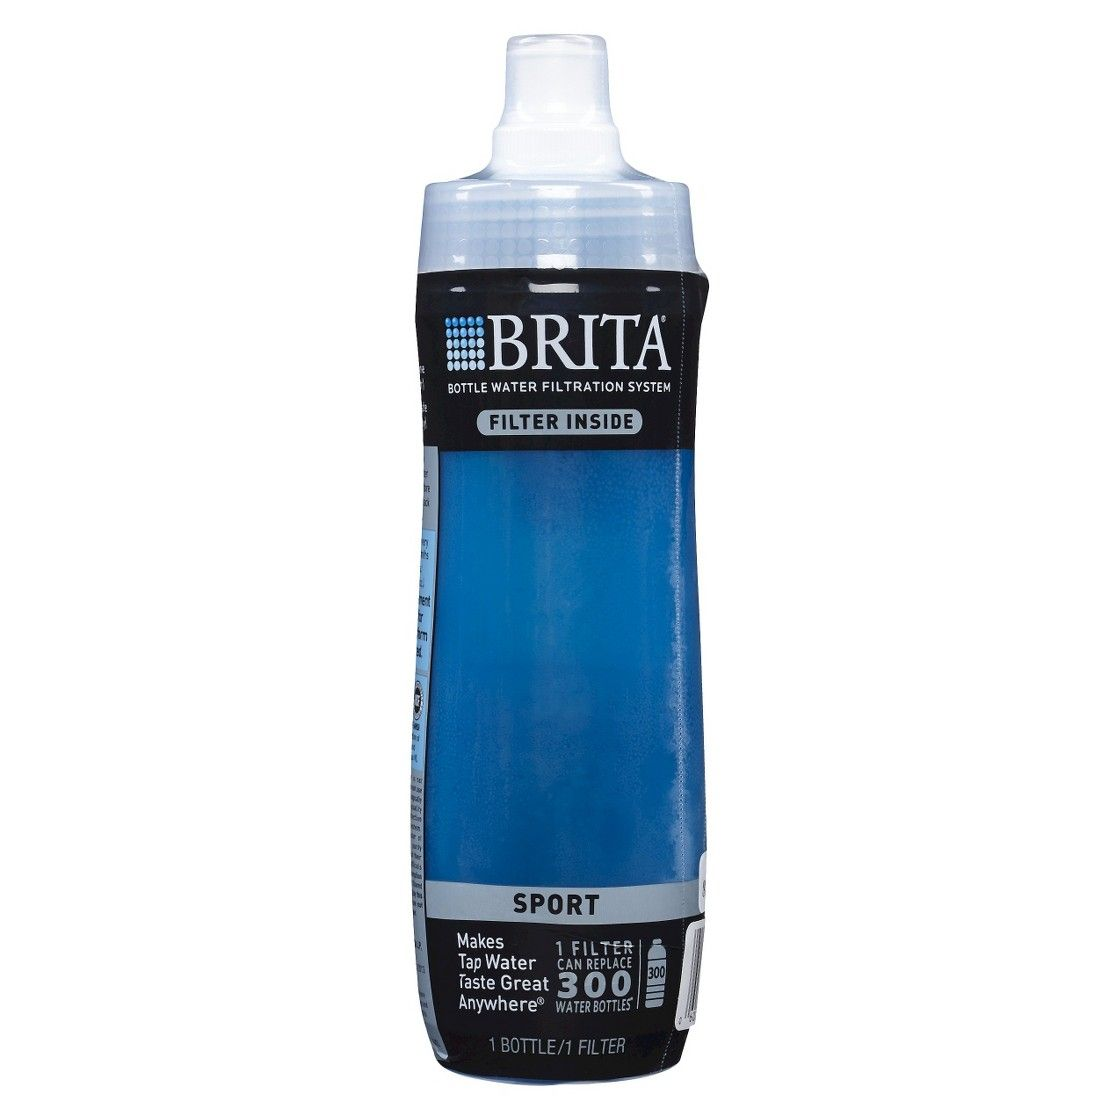 Brita bottle violet violet 20oz with images brita